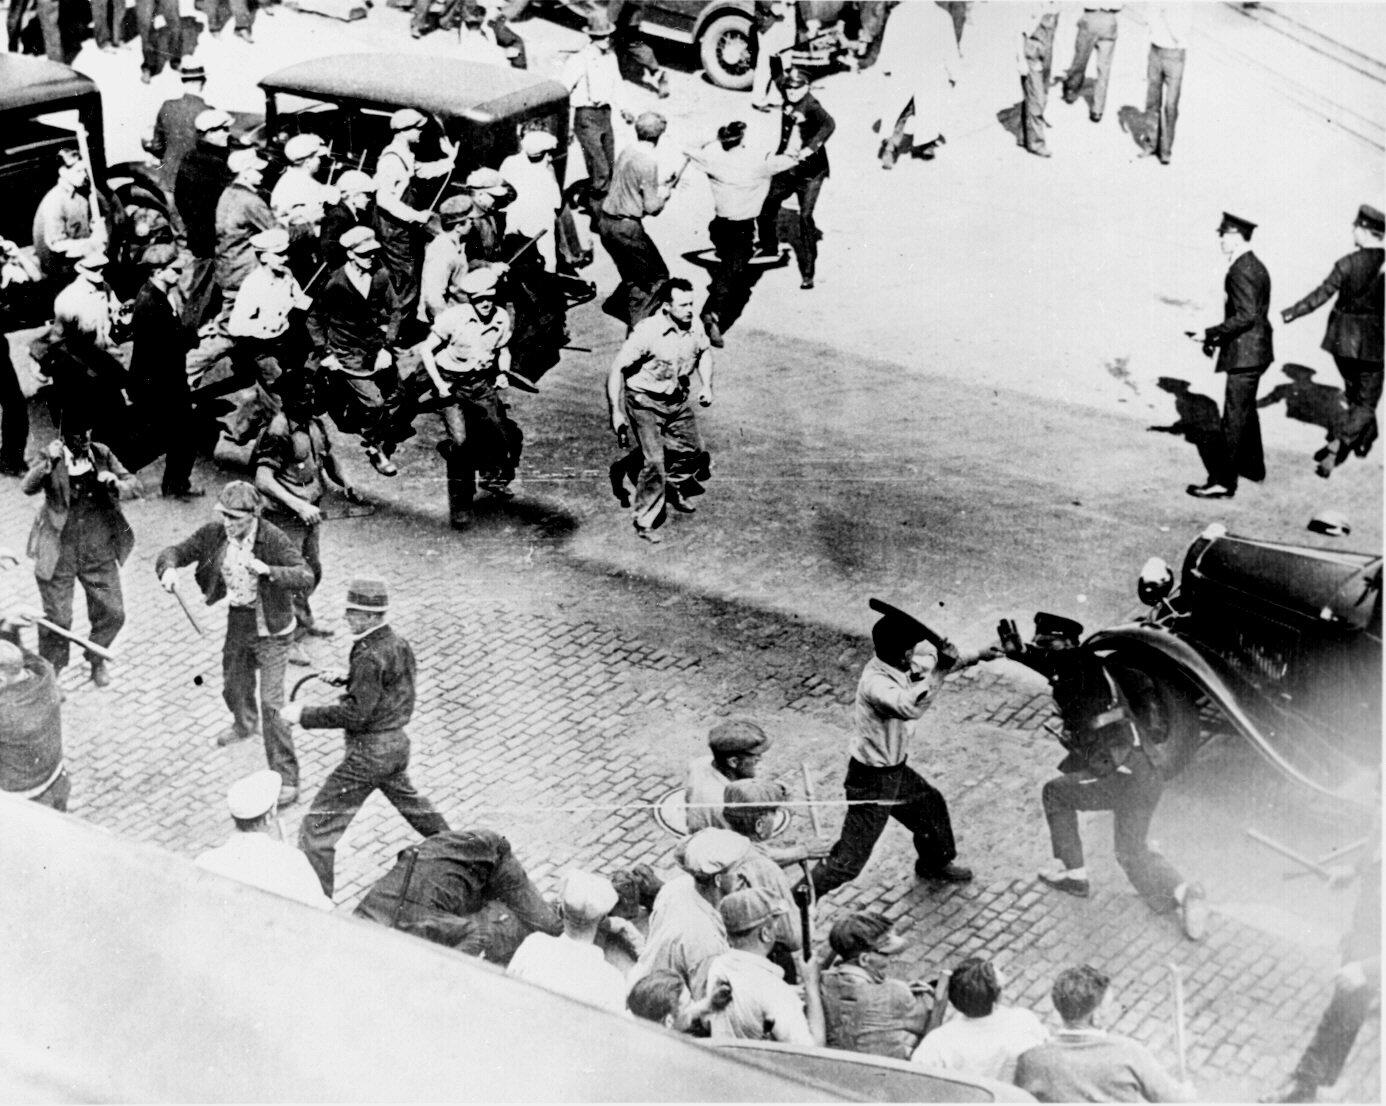 Otwarta walka między strajkującymi woźnicami, apolicją wMinneapolis Źródło: Otwarta walka między strajkującymi woźnicami, apolicją wMinneapolis, 1934, National Archives and Records Administration, domena publiczna.